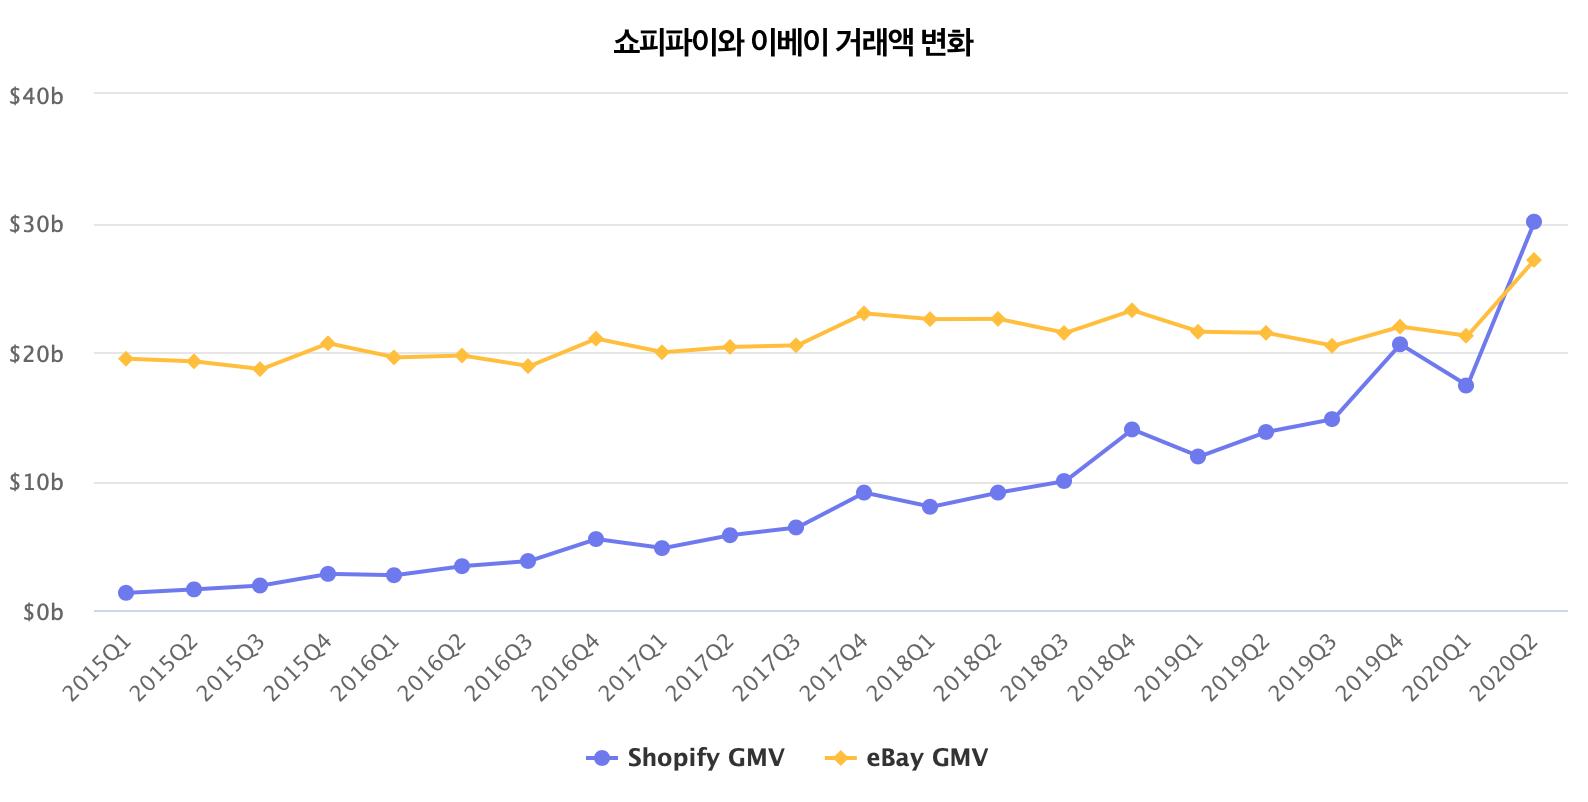 Shopify overtakes eBay